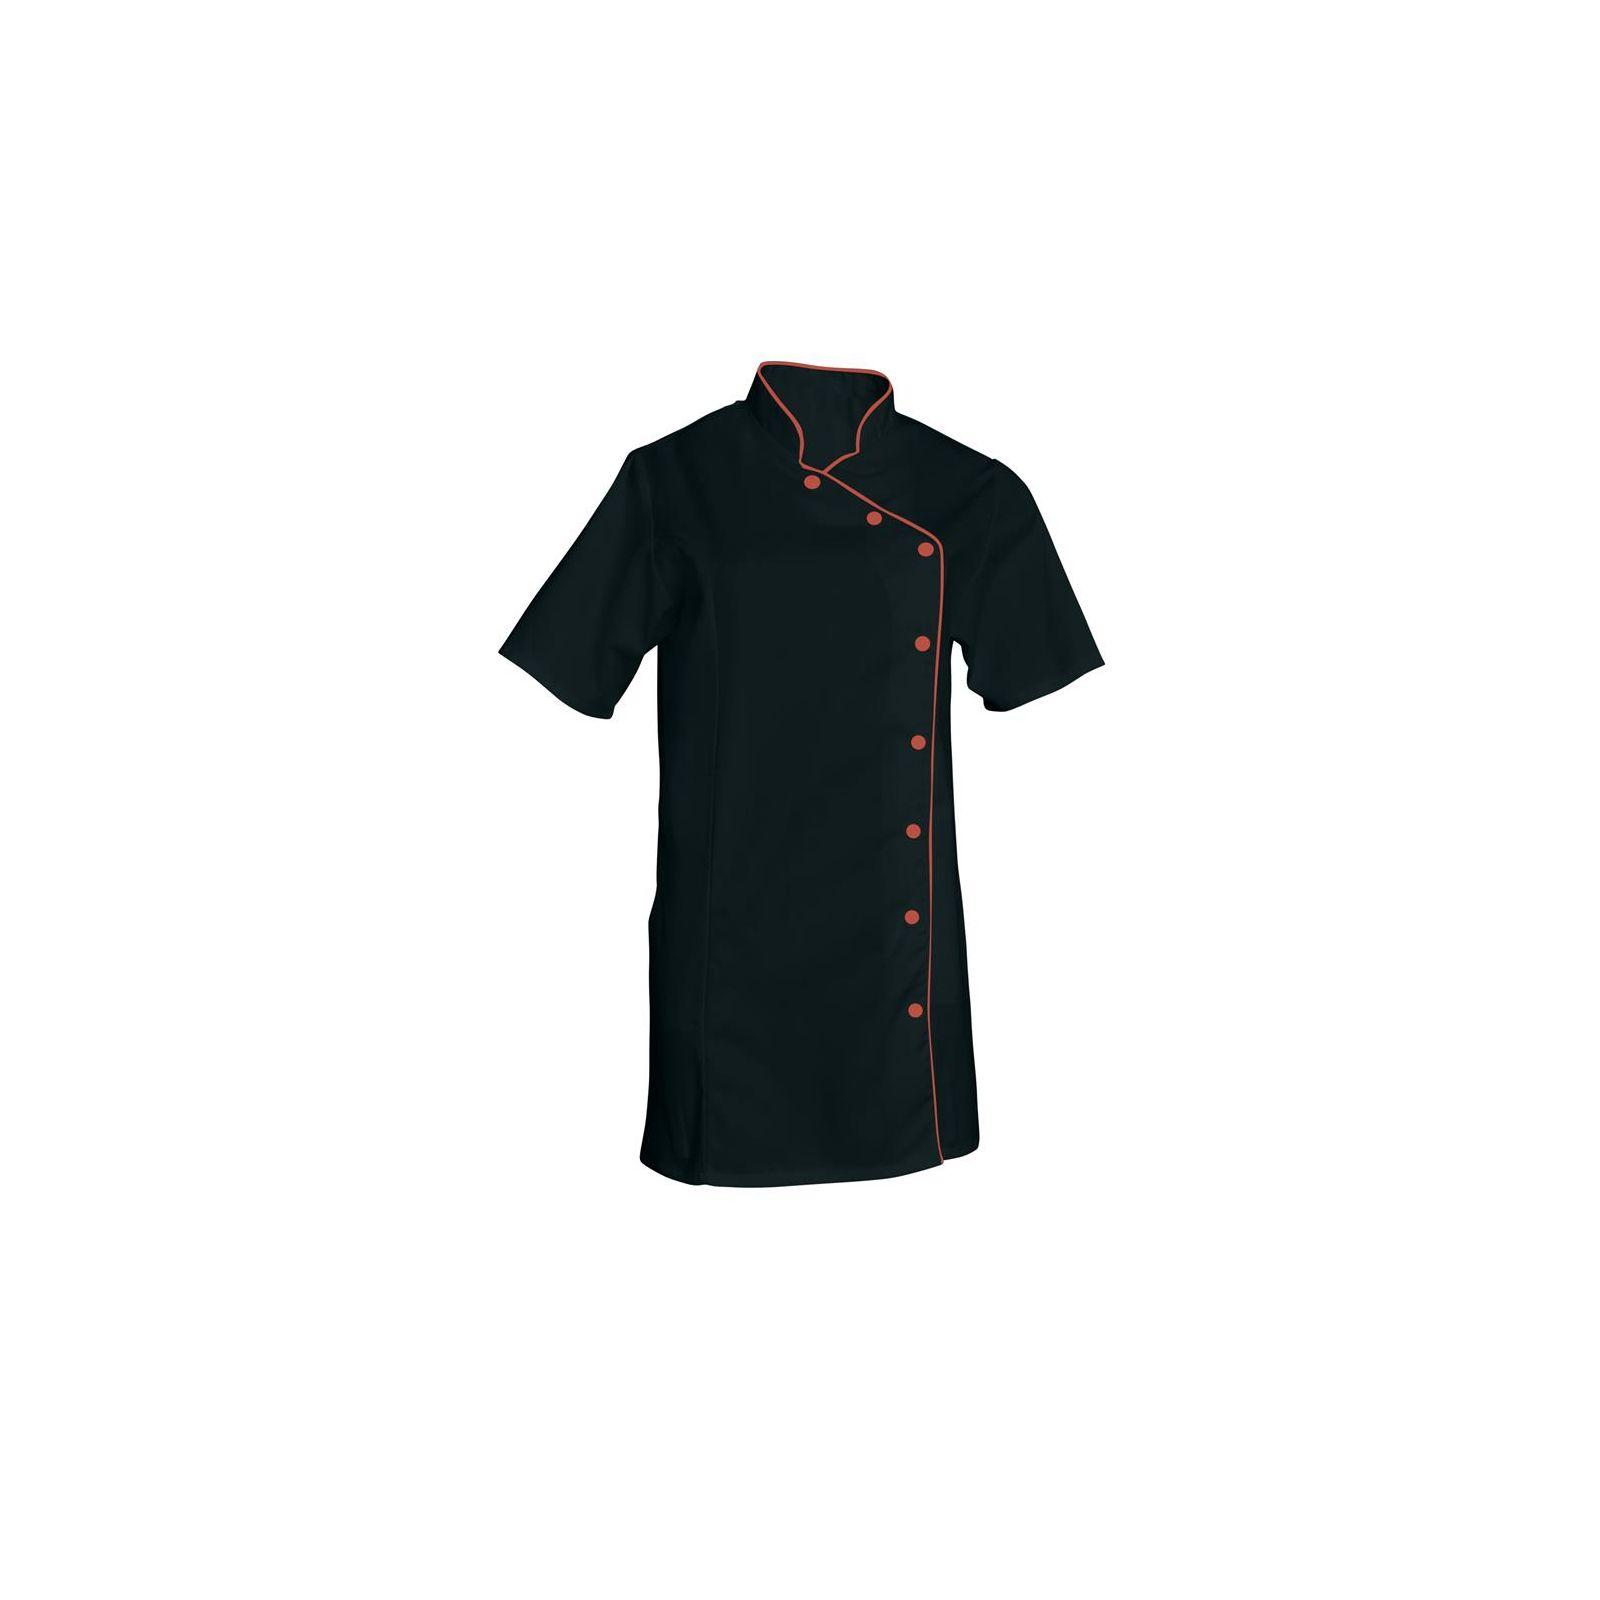 Blouse de travail Femme couleur Col Officier Odile, SNV (ODICC000) couleur noir